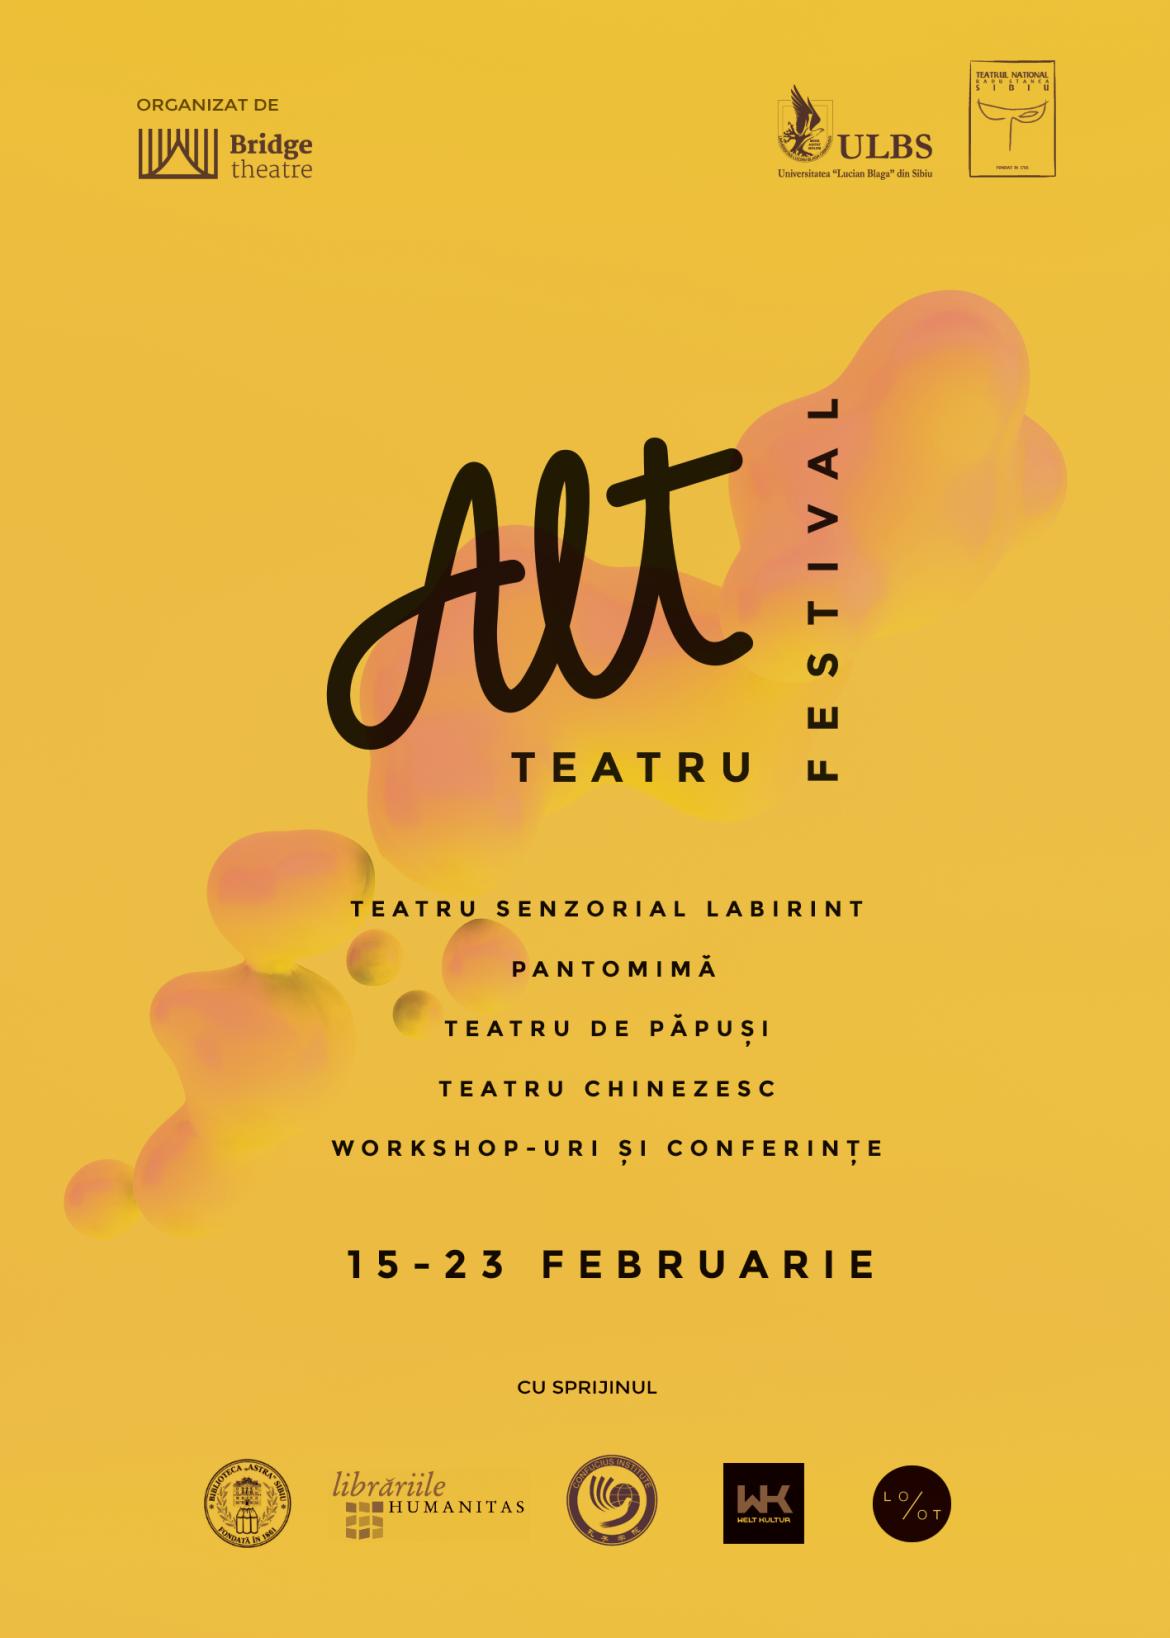 Festivalul ALT TEATRU în Sibiu